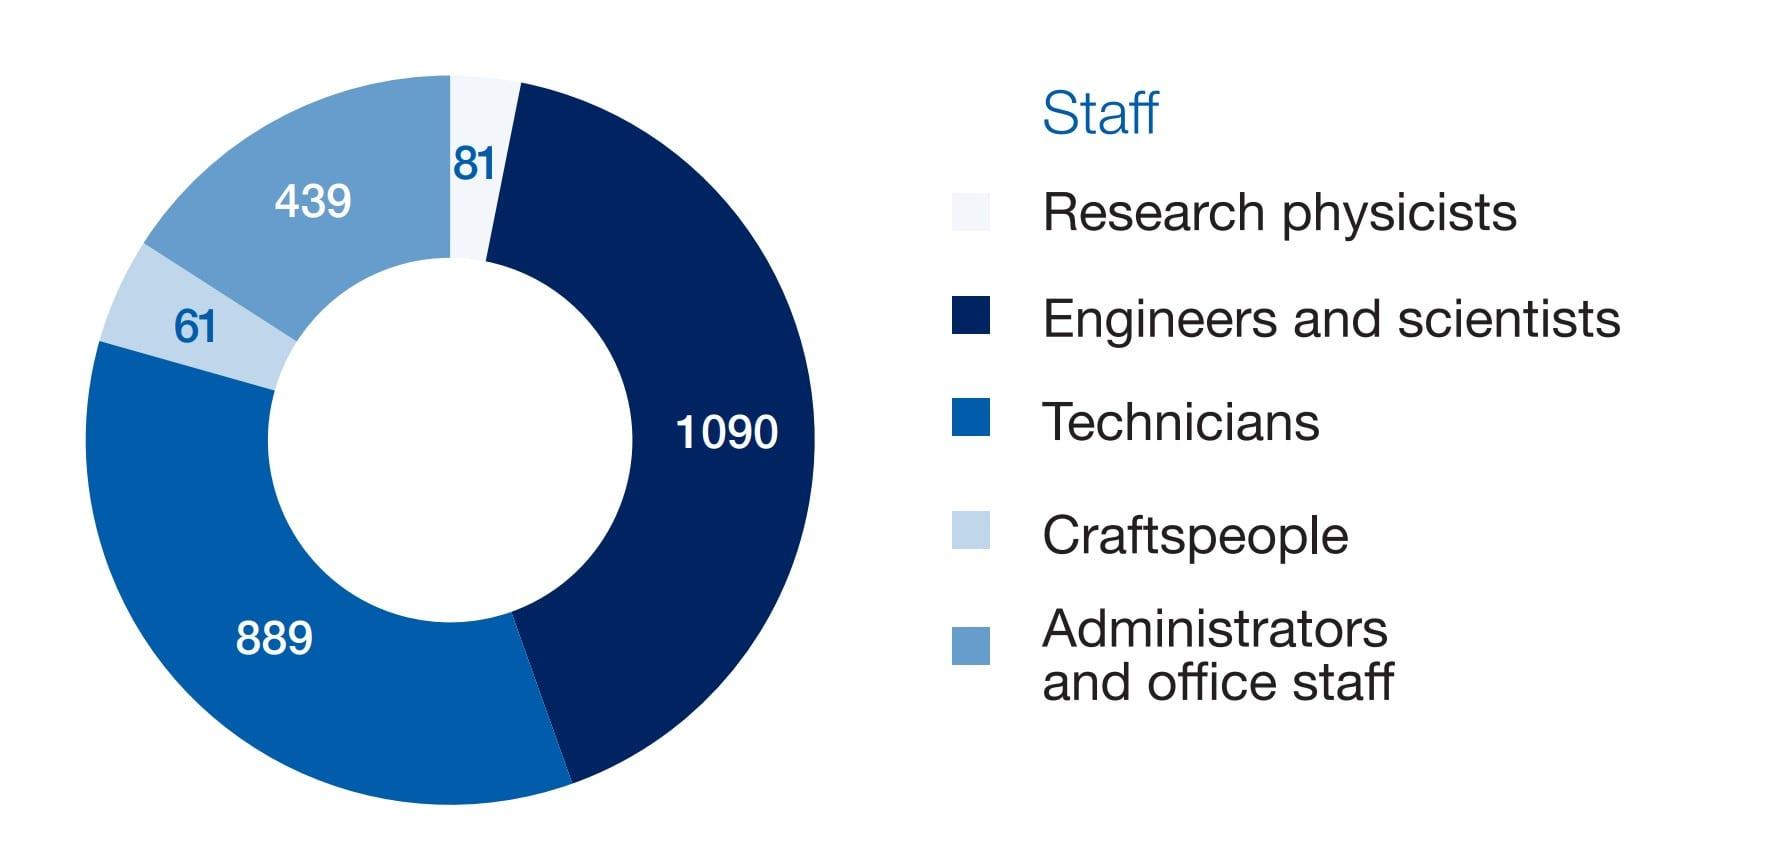 CERN staff members as of December 2016 (total 2560)